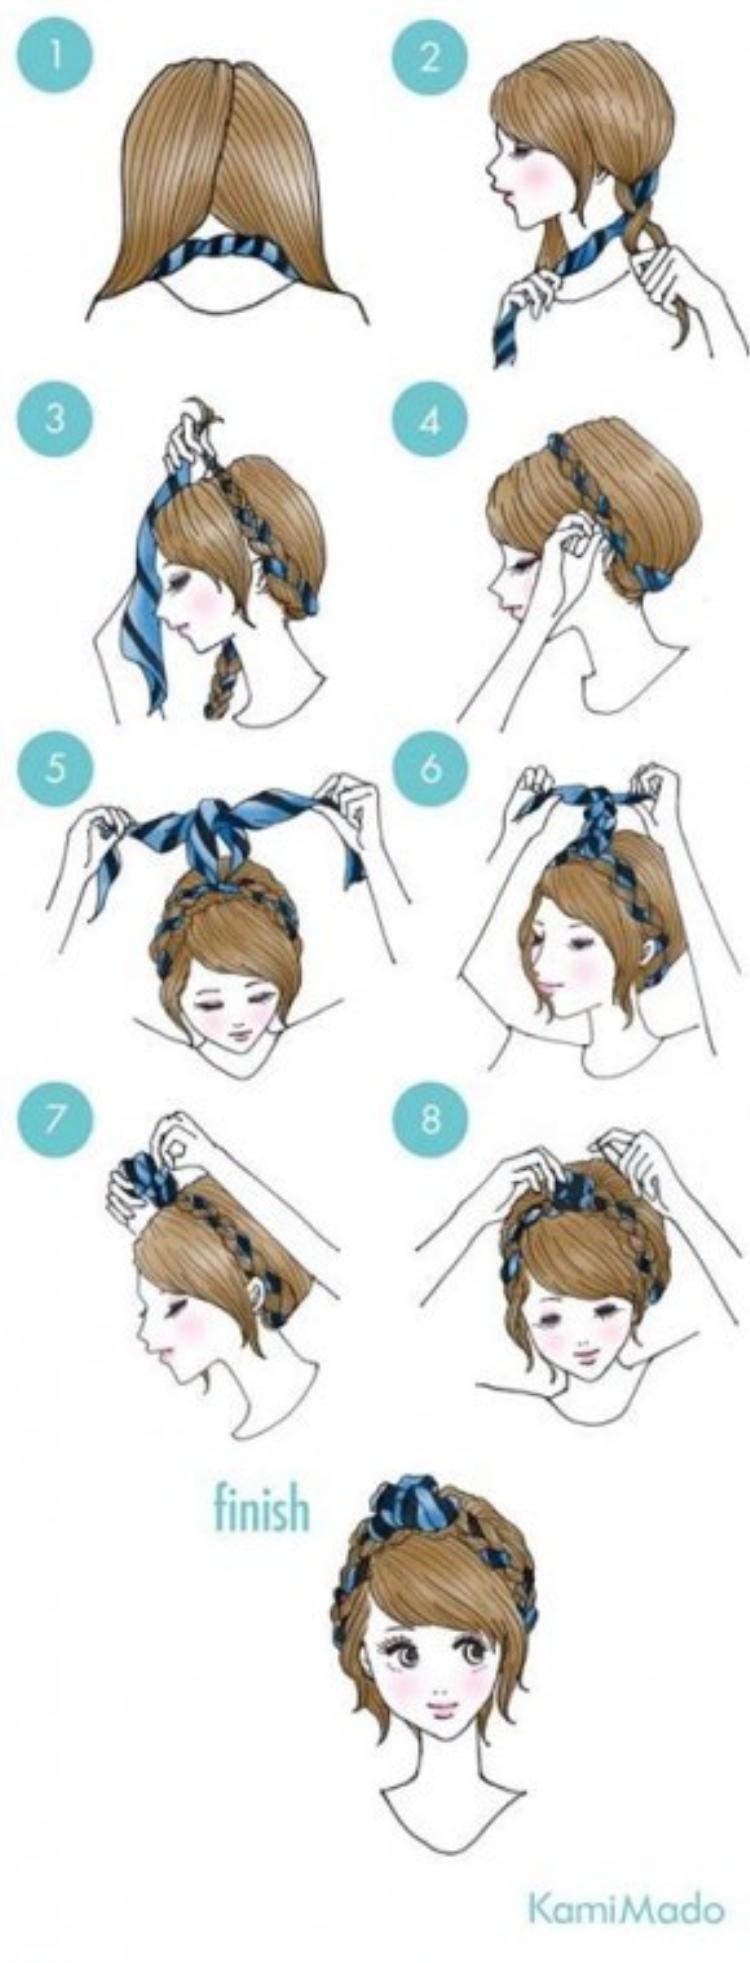 Bên cạnh những cách làm tóc thông thường thì các bạn hoàn toàn có thể kết hợp với những phụ kiện khác để thêm phần phong phú. Chiếc turban là một lựa chọn hoàn hảo.